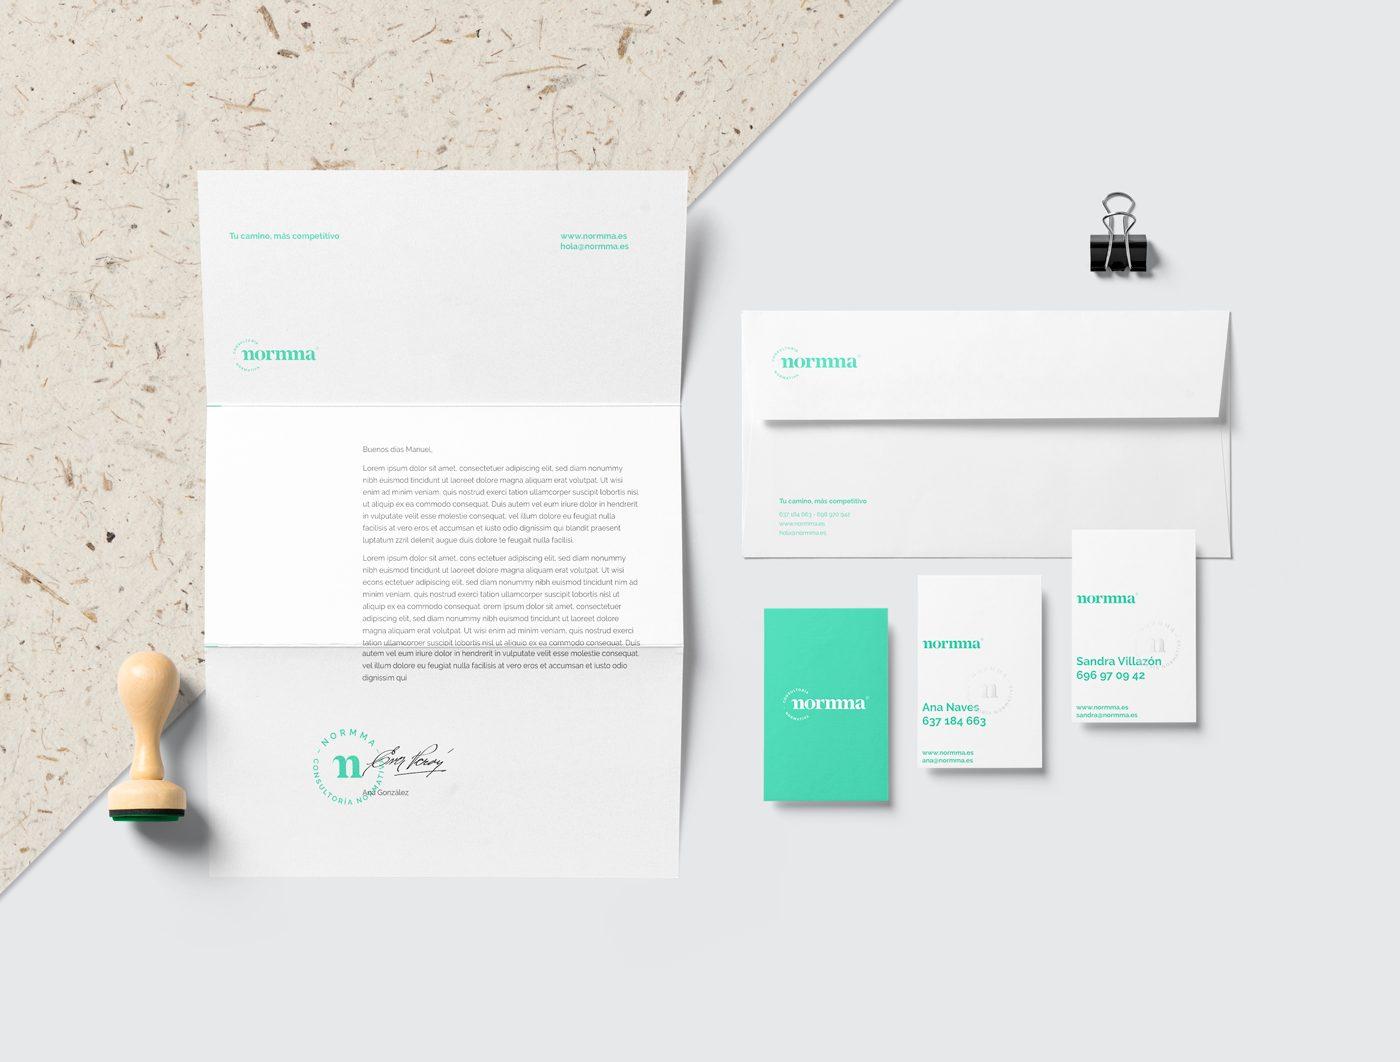 Normma Branding papeleria